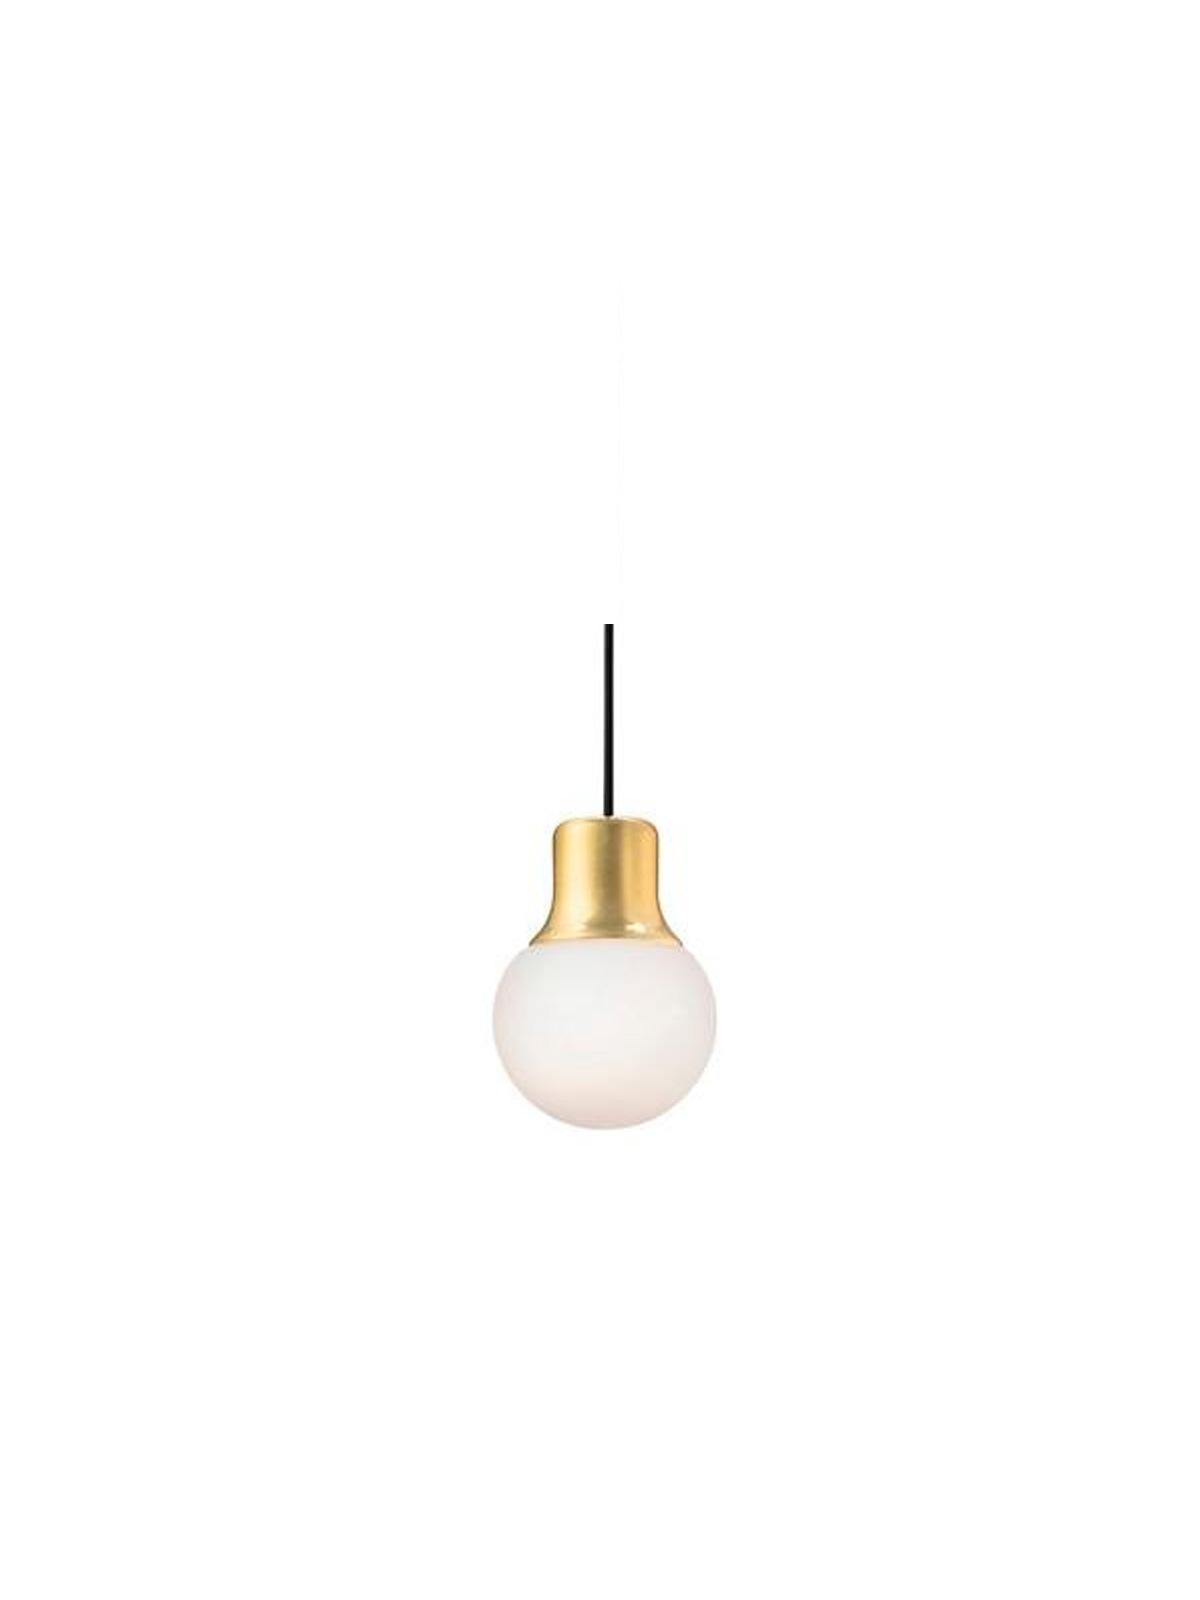 Mass Light NA5 Messing &tradition DesignOrt Berlin Onlineshop Leuchten